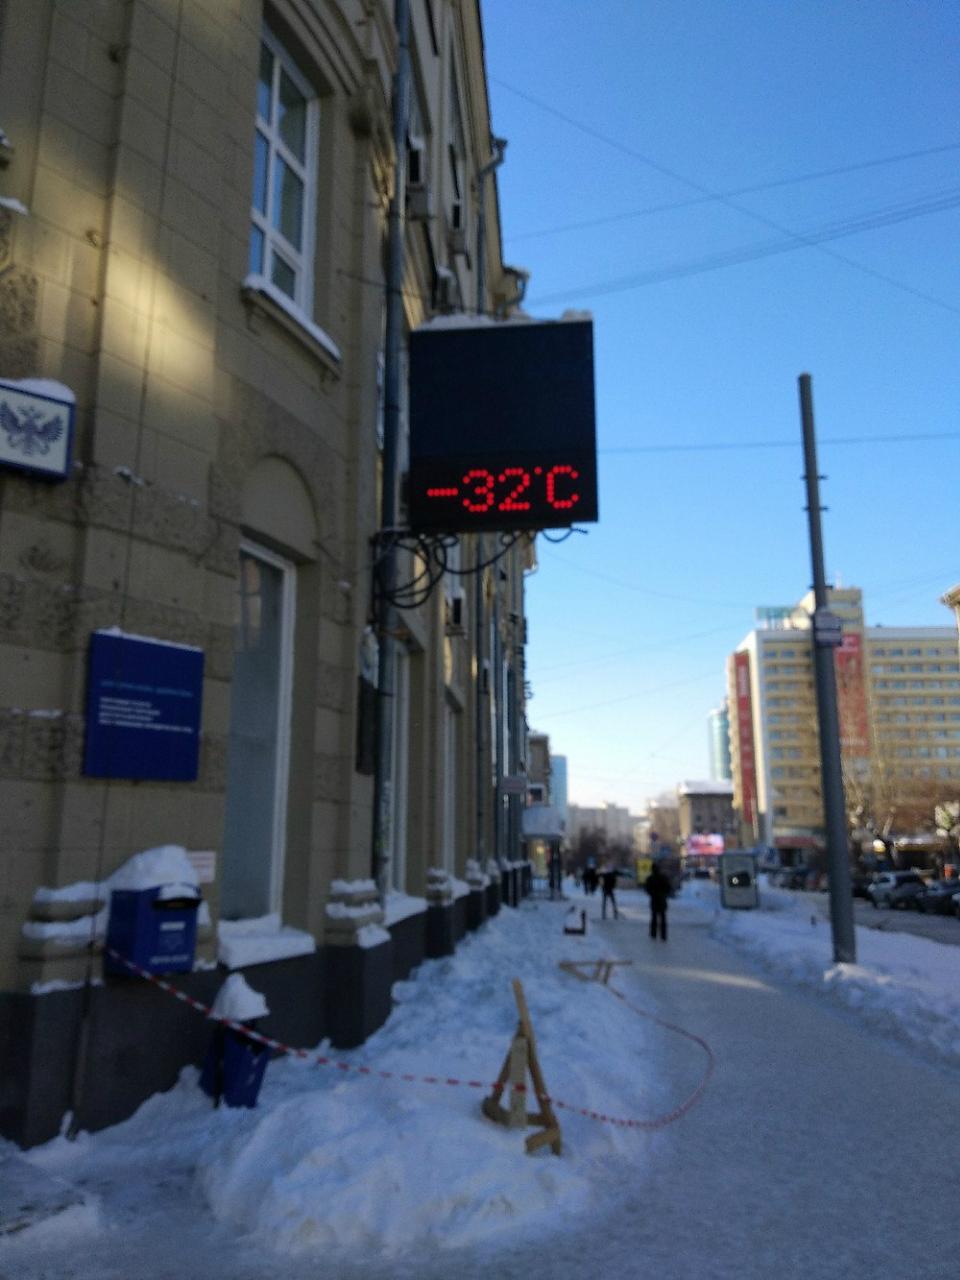 ребенка в новосибирске улица ленина 18 самопровозглашенной Донецкой